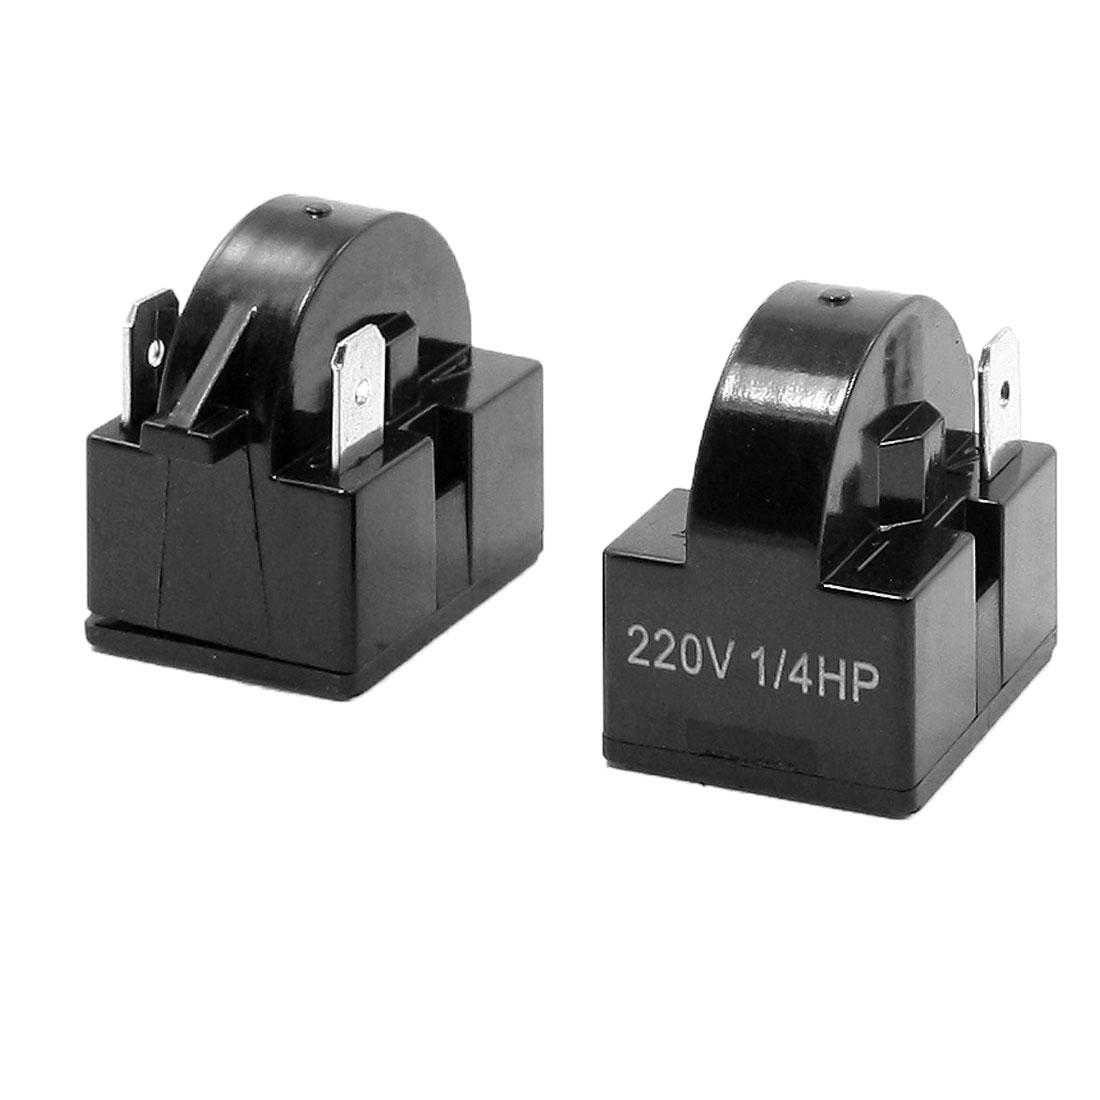 Black Plastic Shell PTC Starter Relay for 1/4 HP Refrigerator 220V